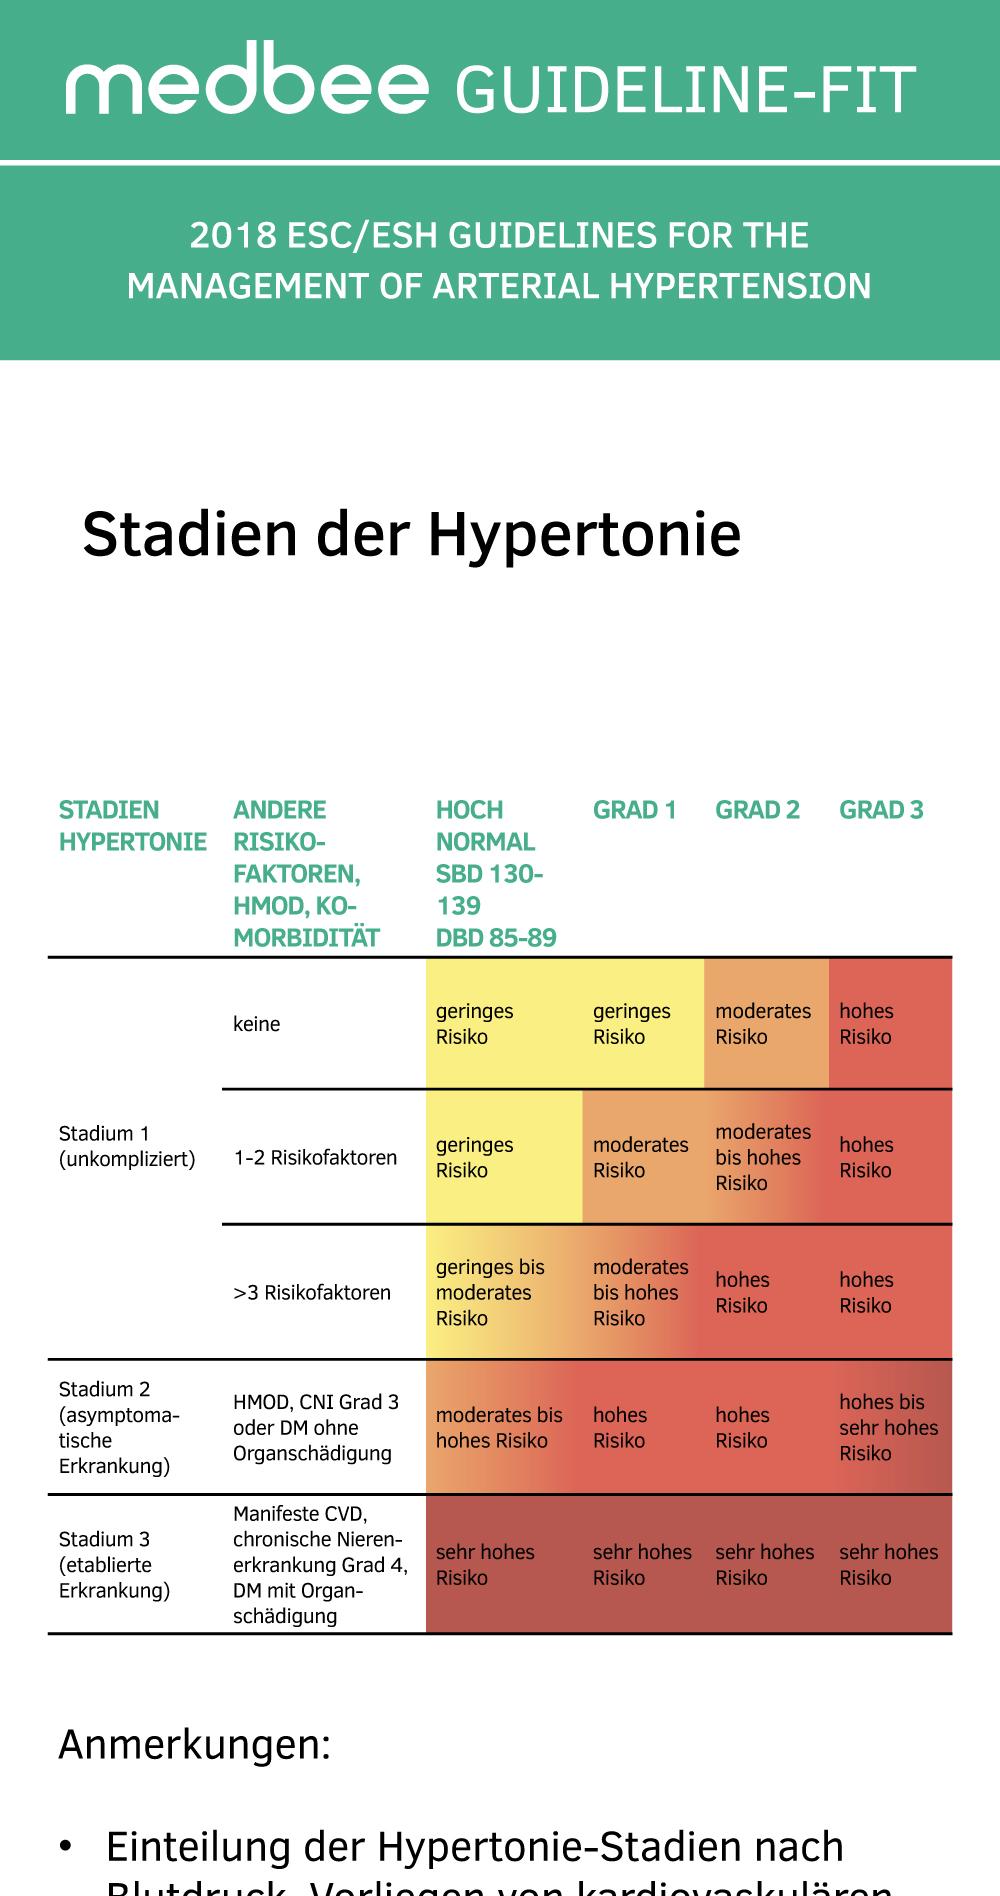 Arterielle Hypertonie GUIDELINE-FIT 04